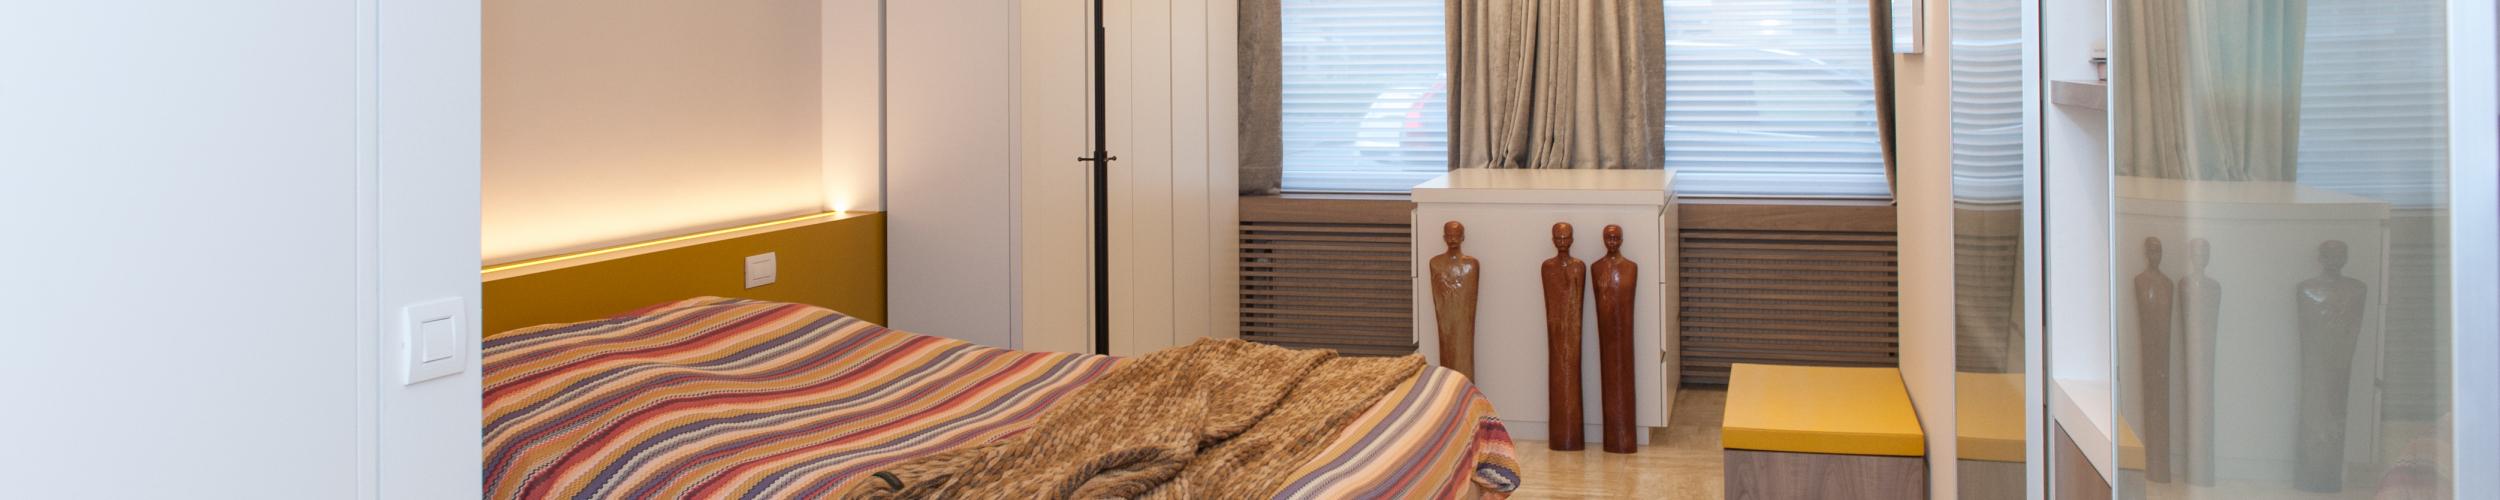 Inrichting woon- en slaapkamer op maat